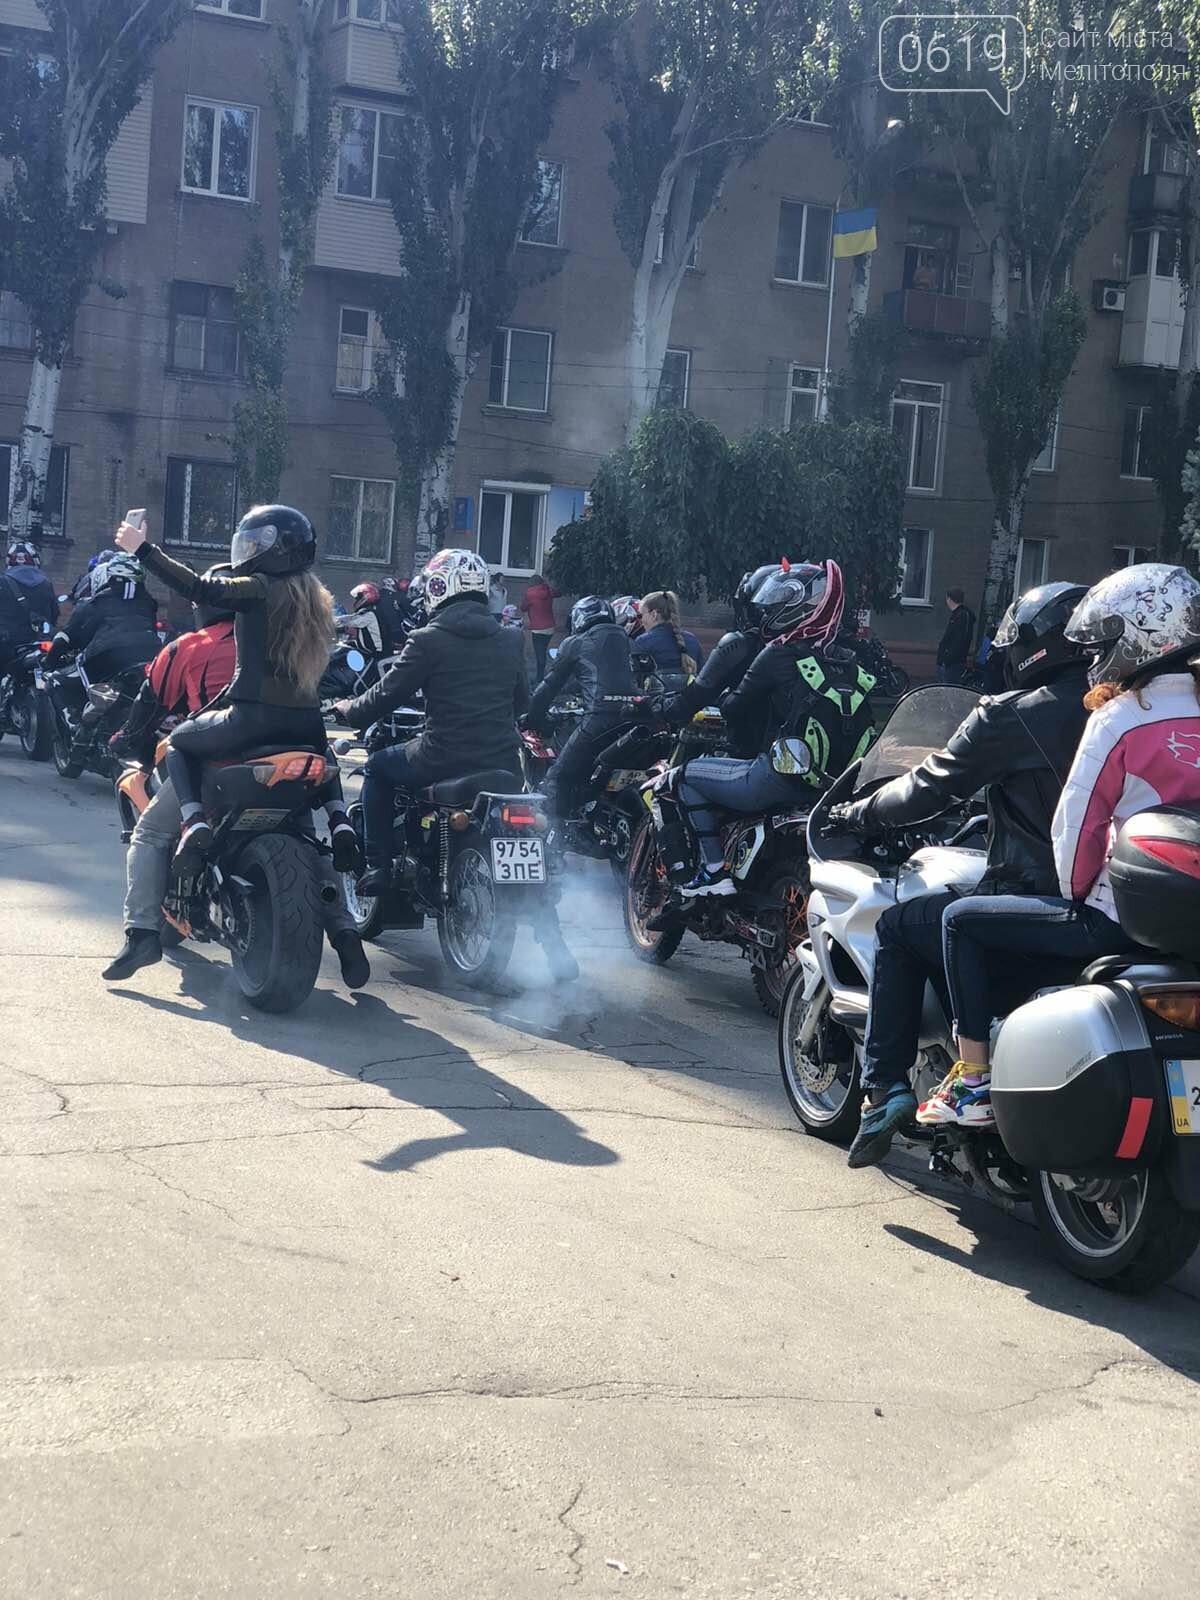 Байкеры проехали колонной по Мелитополю в честь закрытия мотосезона, - ФОТО, фото-6